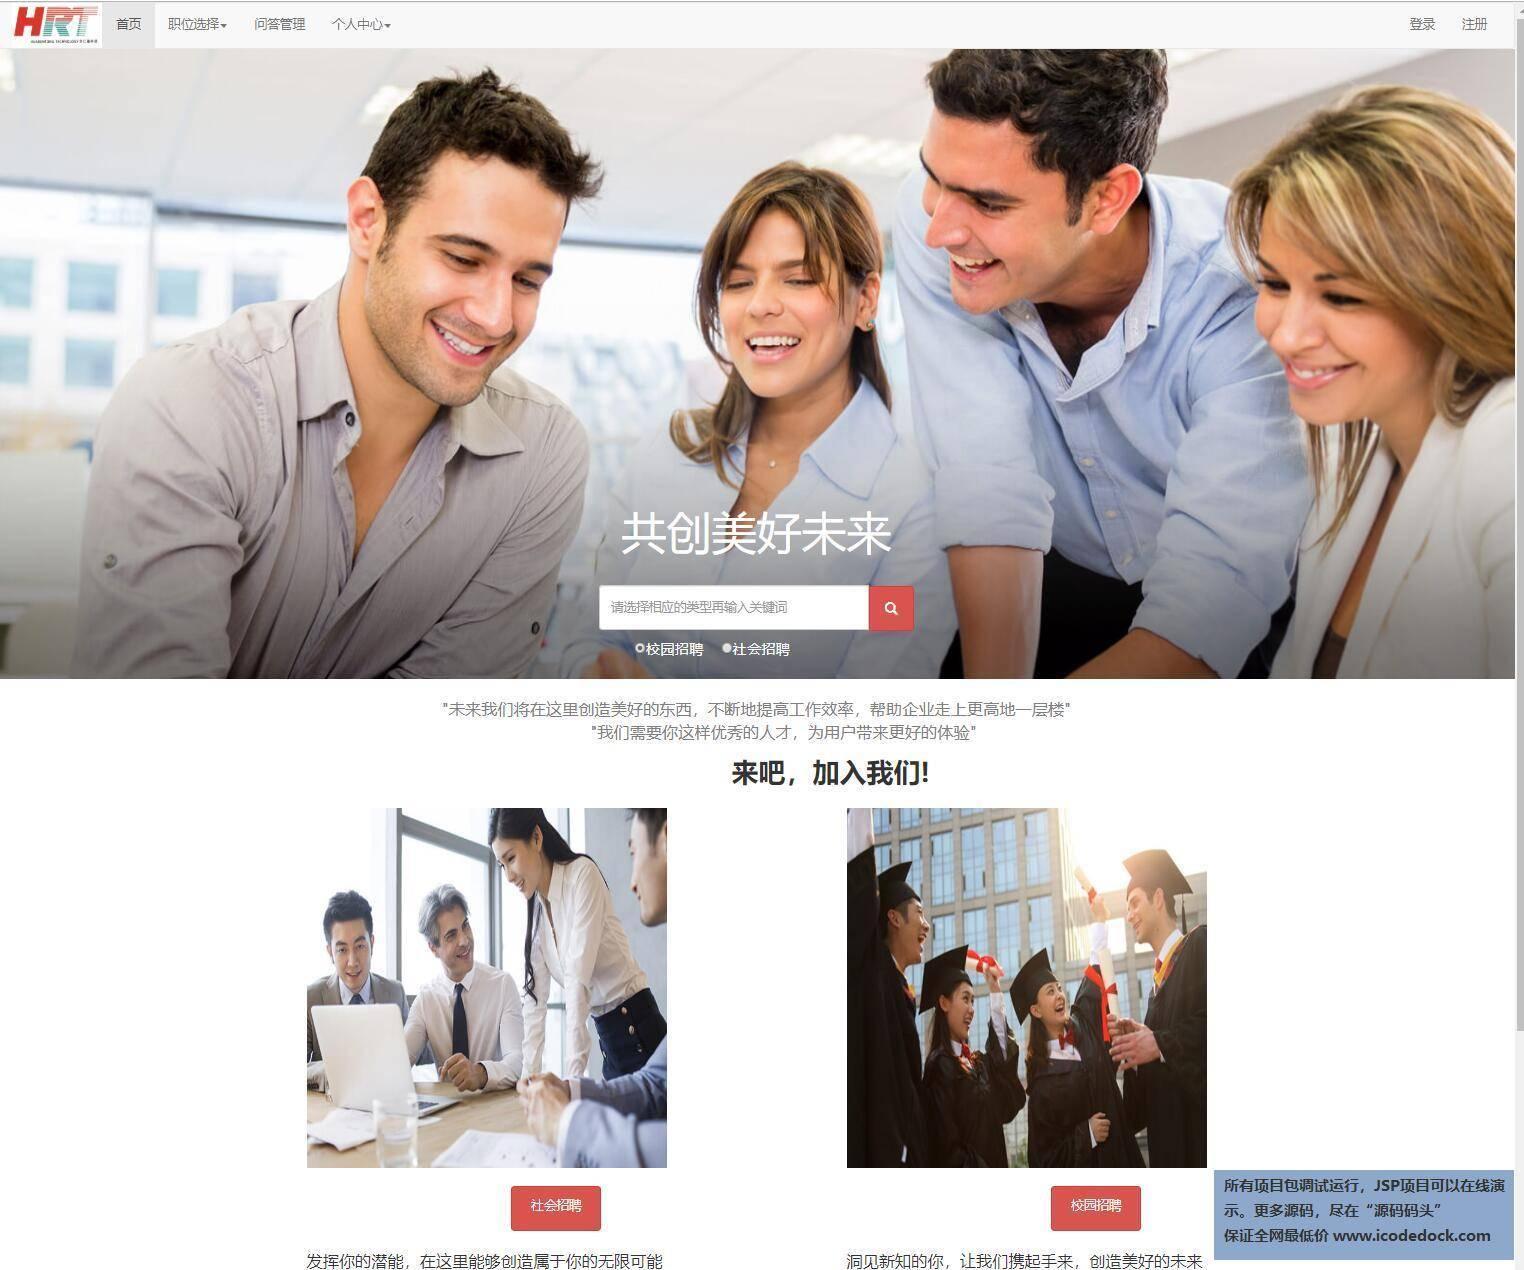 源码码头-SpringBoot招聘网站项目-用户角色-用户首页